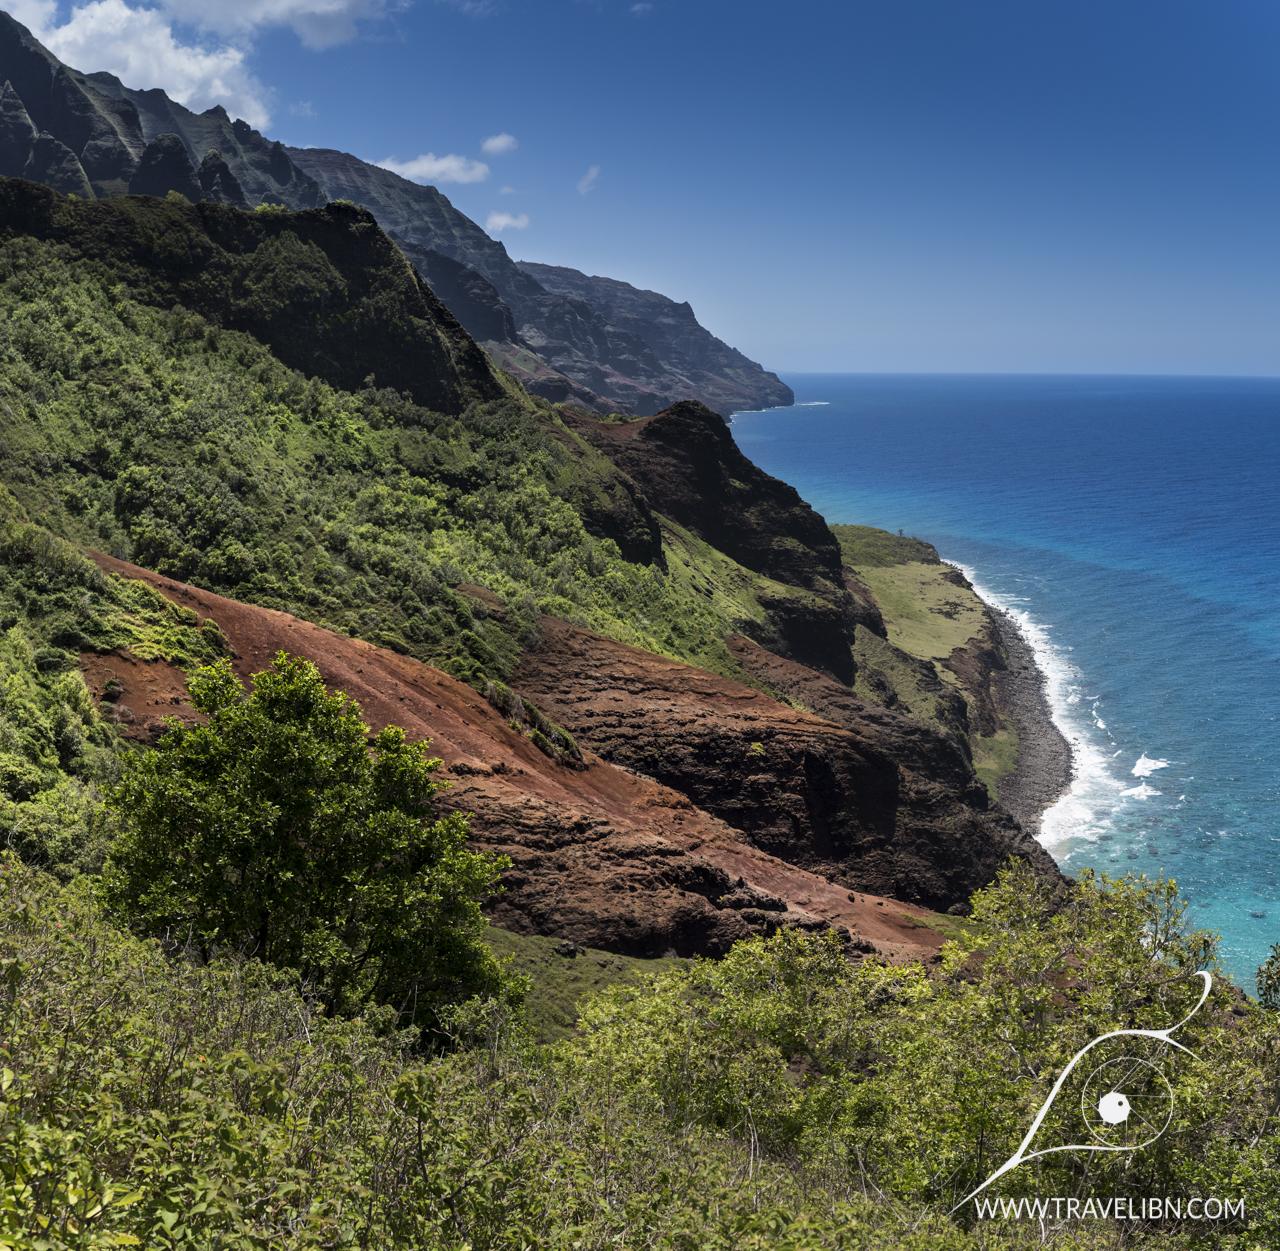 kalalau trail viewpoint.jpg